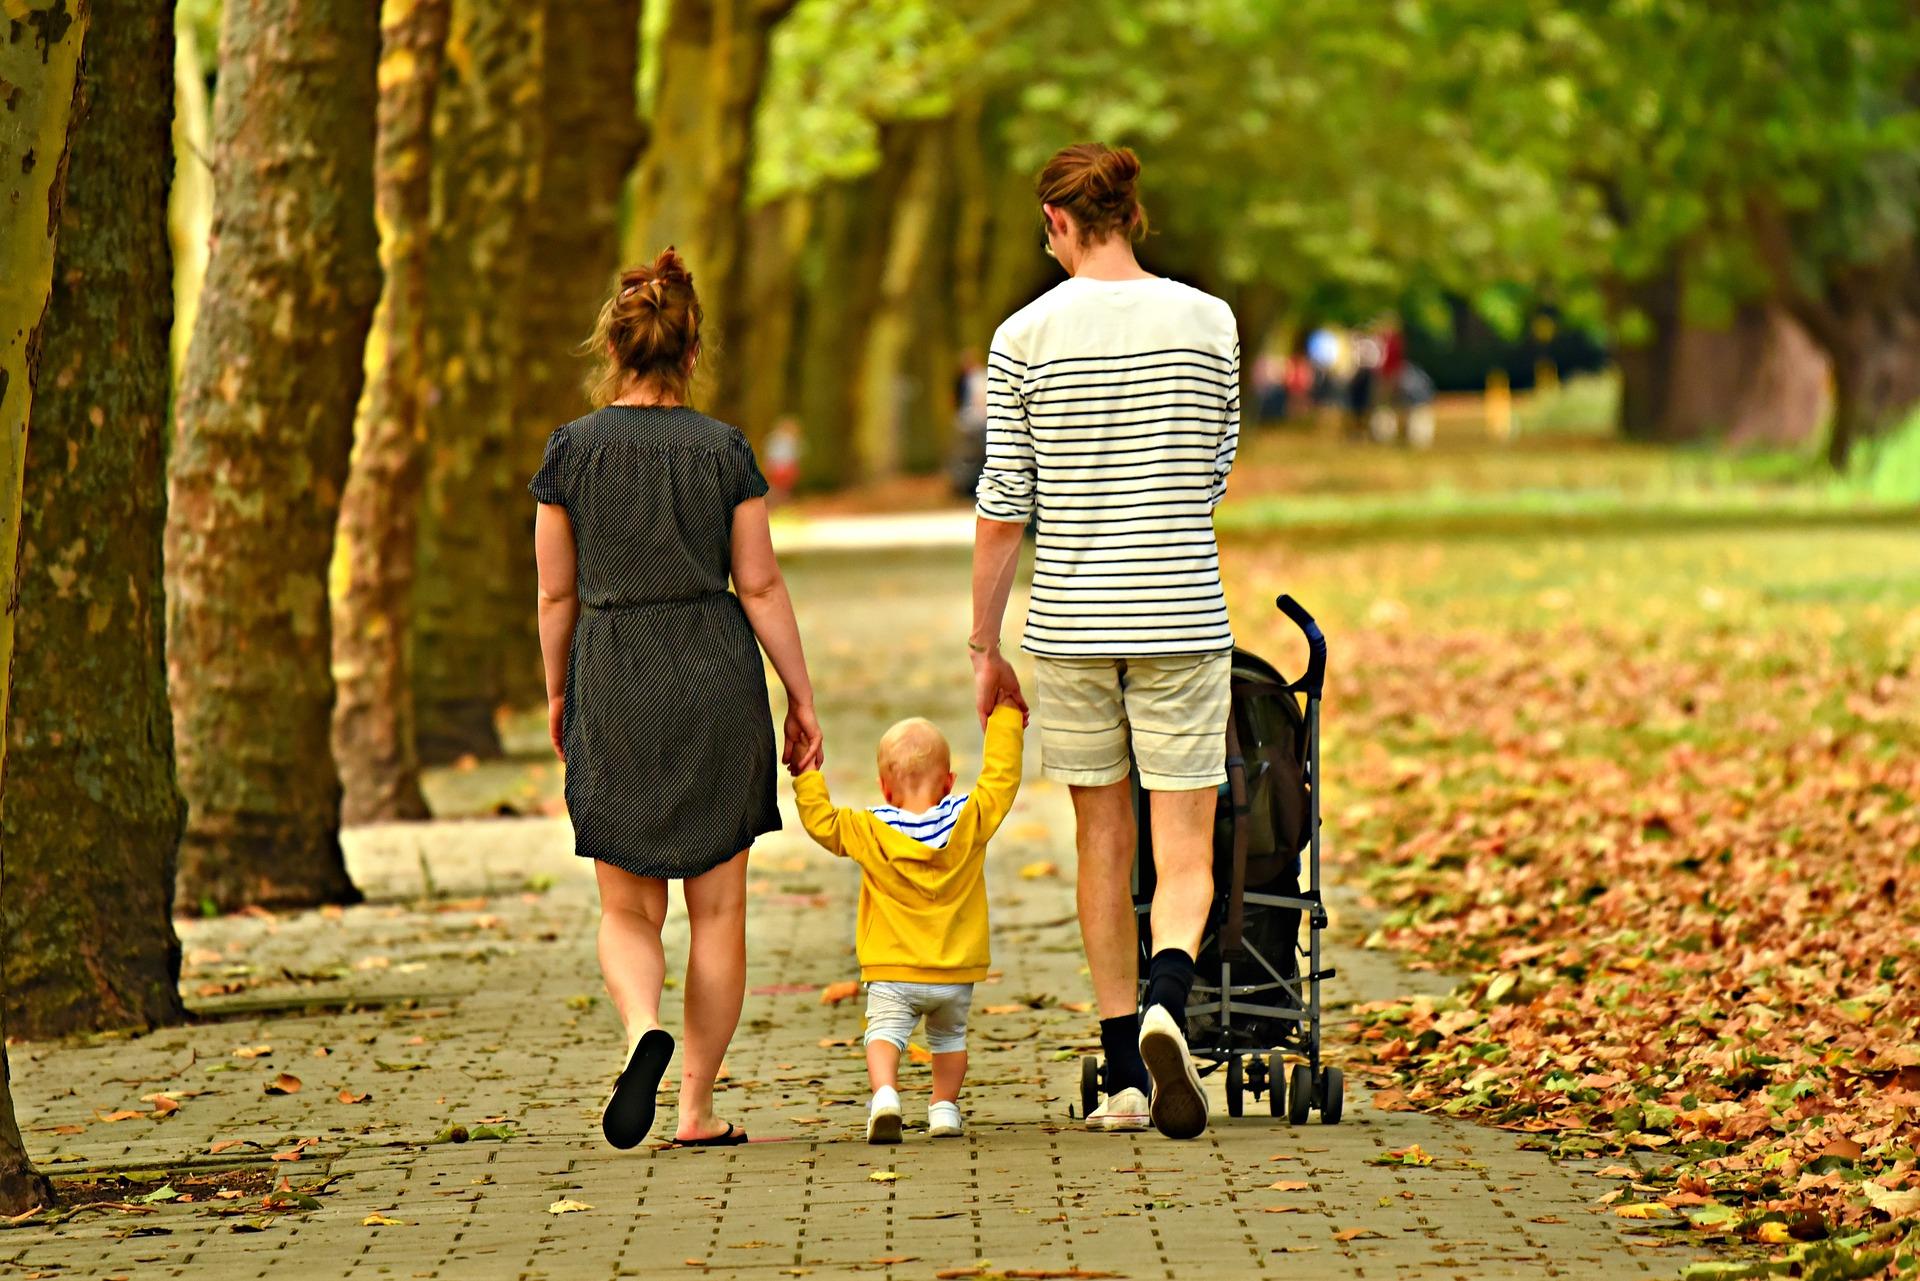 психология отношений в семье